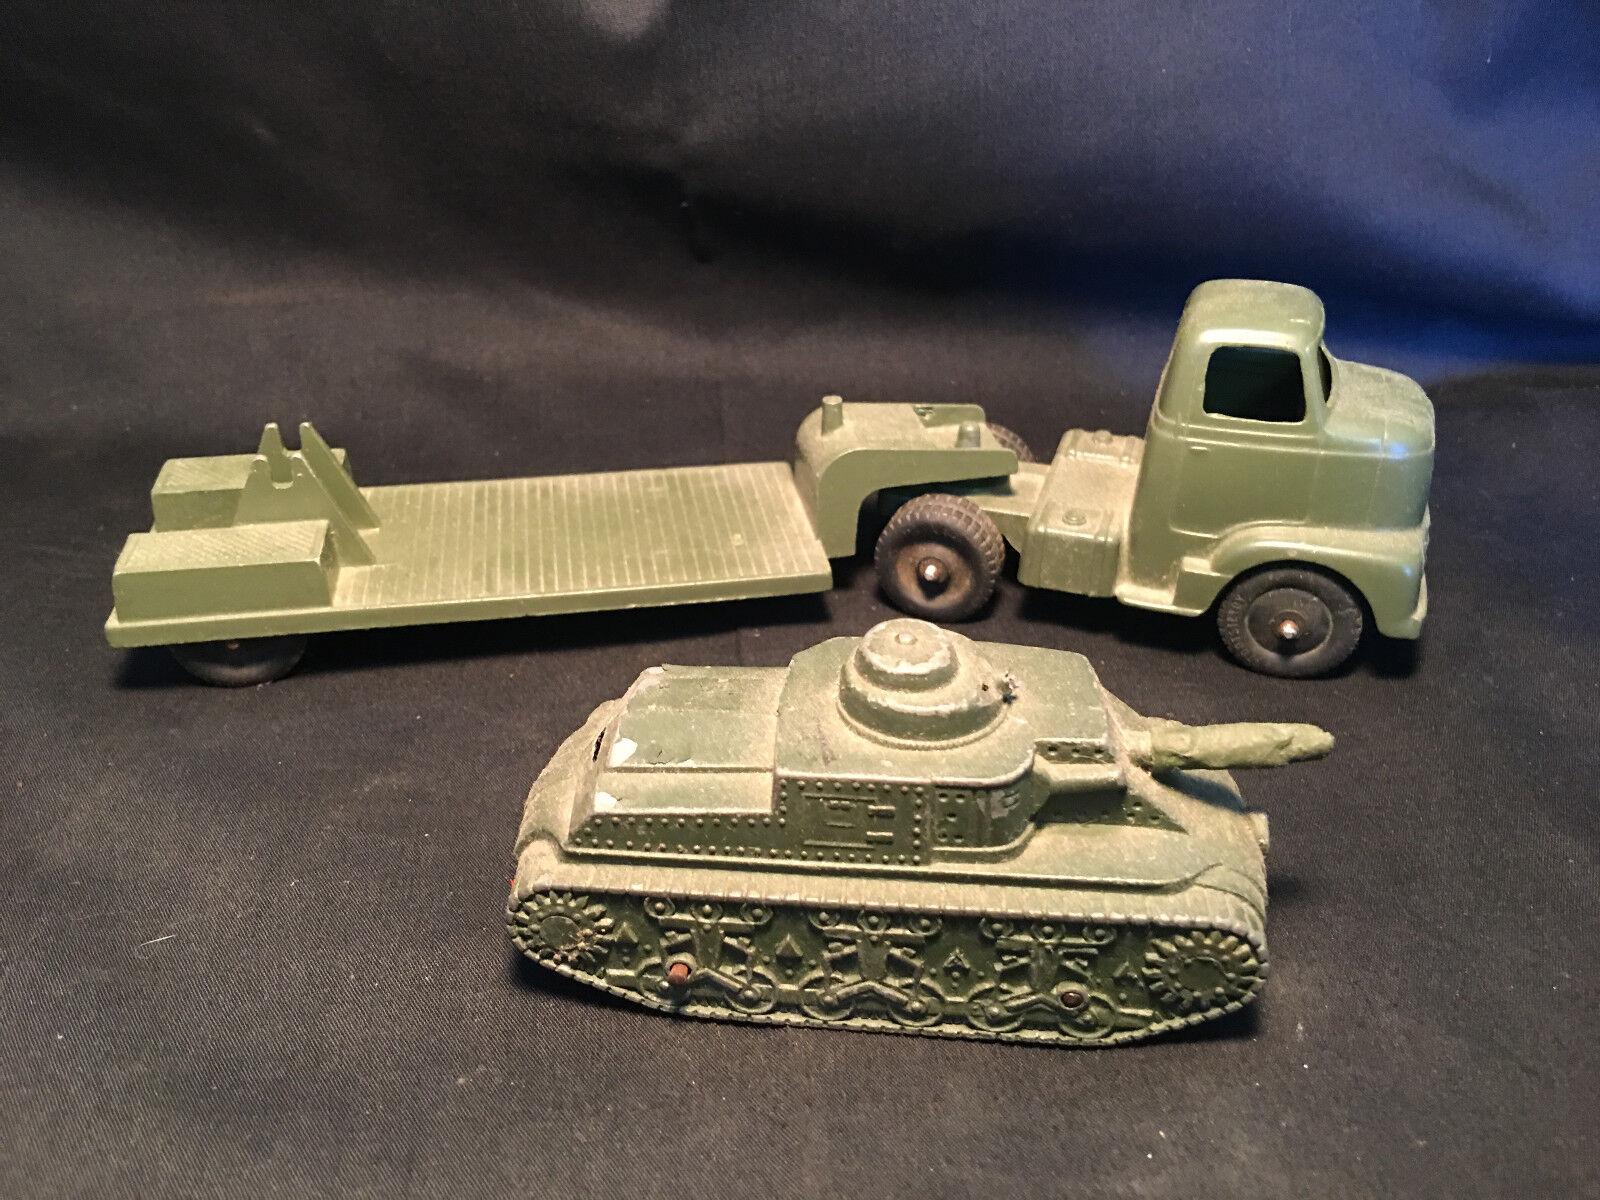 Antiguo De Colección Tootsietoy Army Tank Transporter Transporter Transporter Remolque Con Tanque Hecho en EE. UU. 1445e1